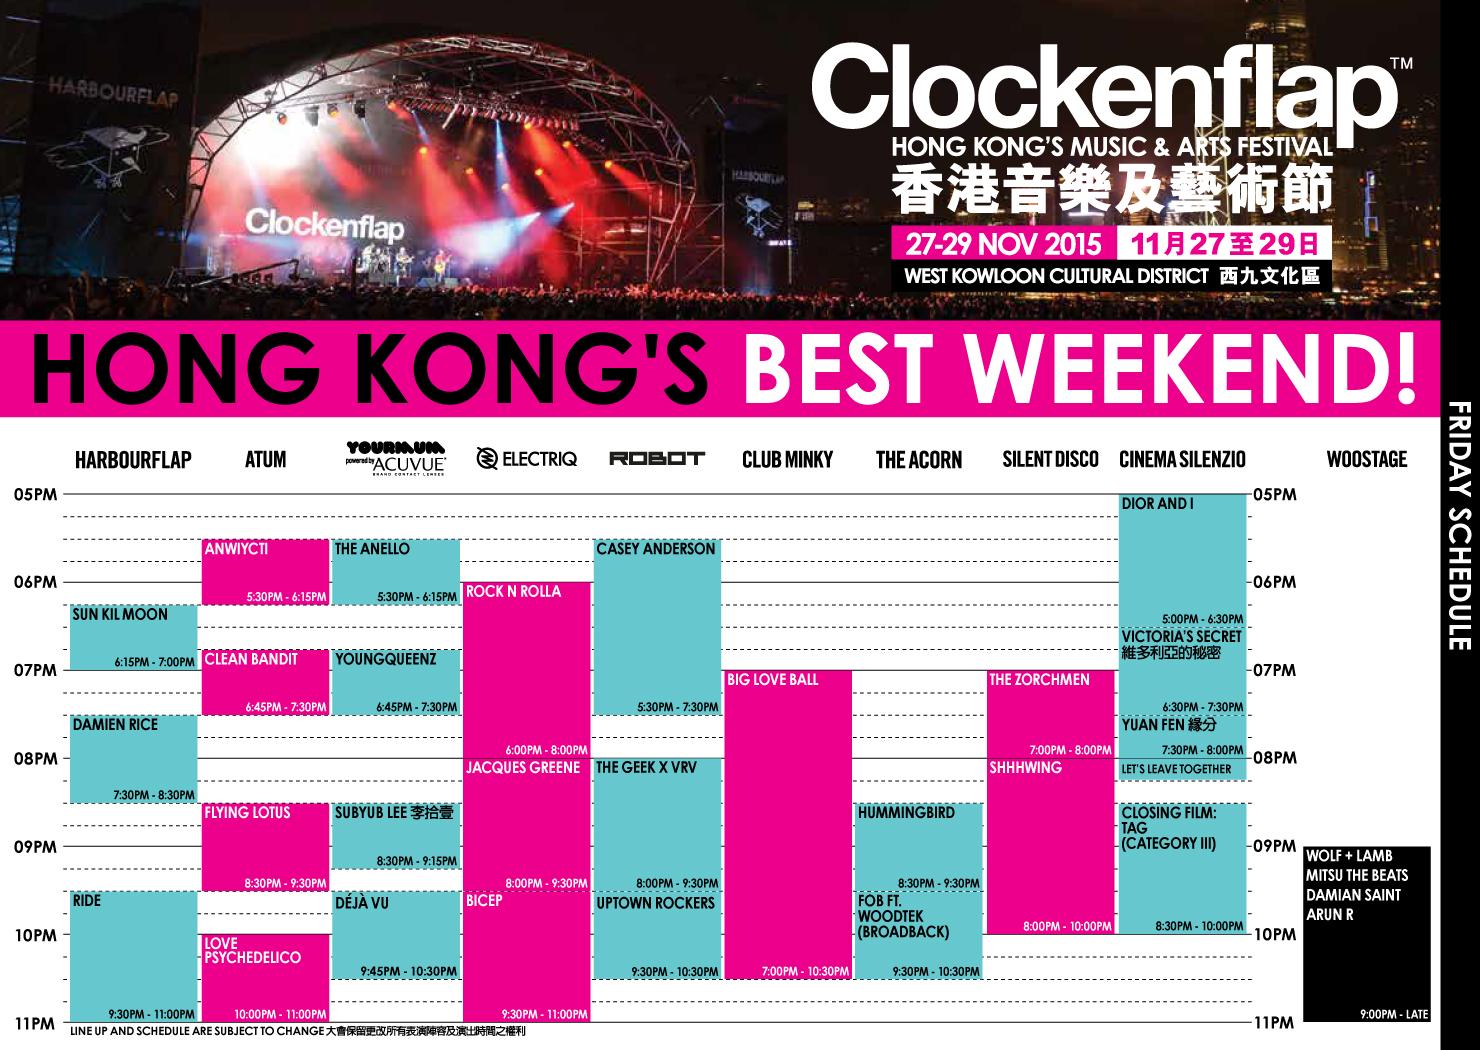 Clockenflap2015FRI_svhk12112015.jpg